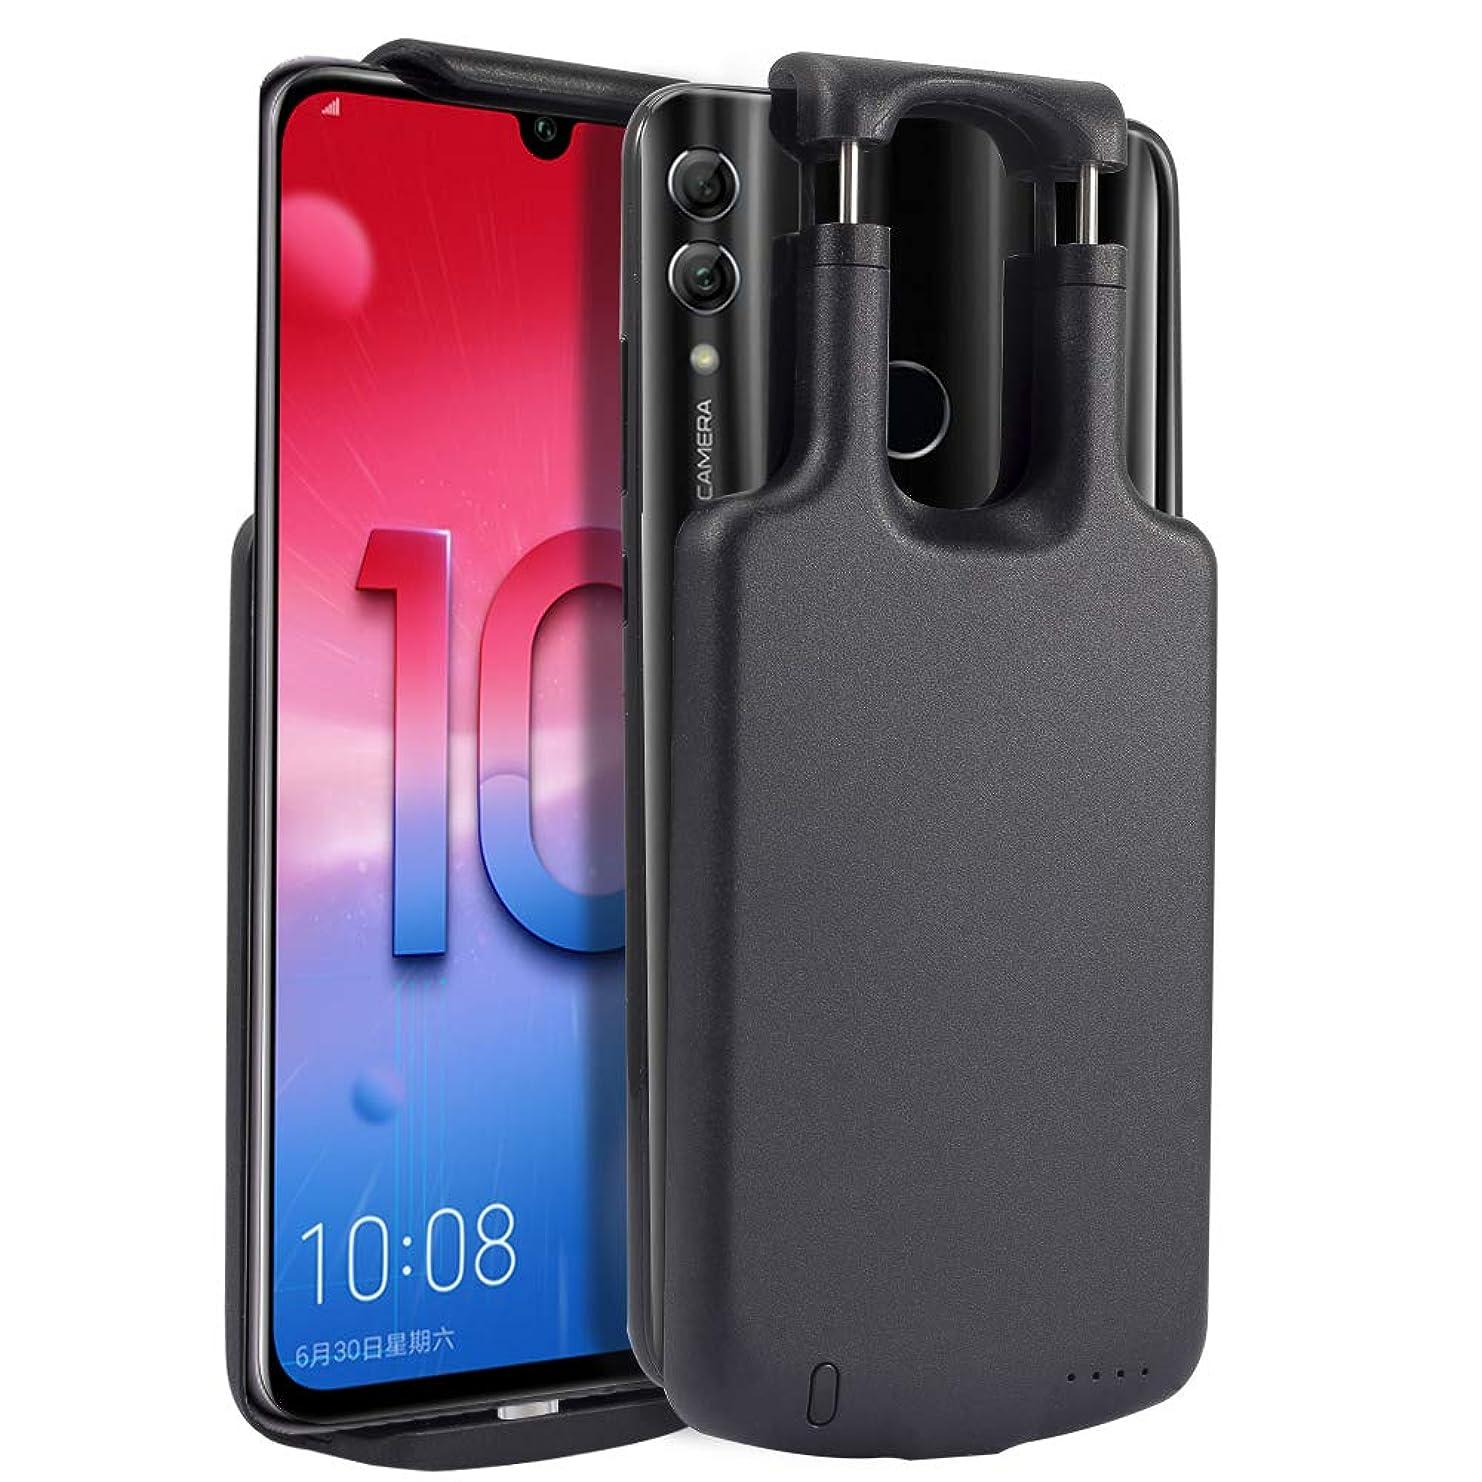 サイズ英語の授業があります雨のScheam Huawei Honor 10 5000mAh 対応バッテリー内蔵ケース、軽量 超薄 バッテリーケース耐衝撃 バッテリー内蔵ケース 急速充電 全面保護ケース 超便利 (黒)